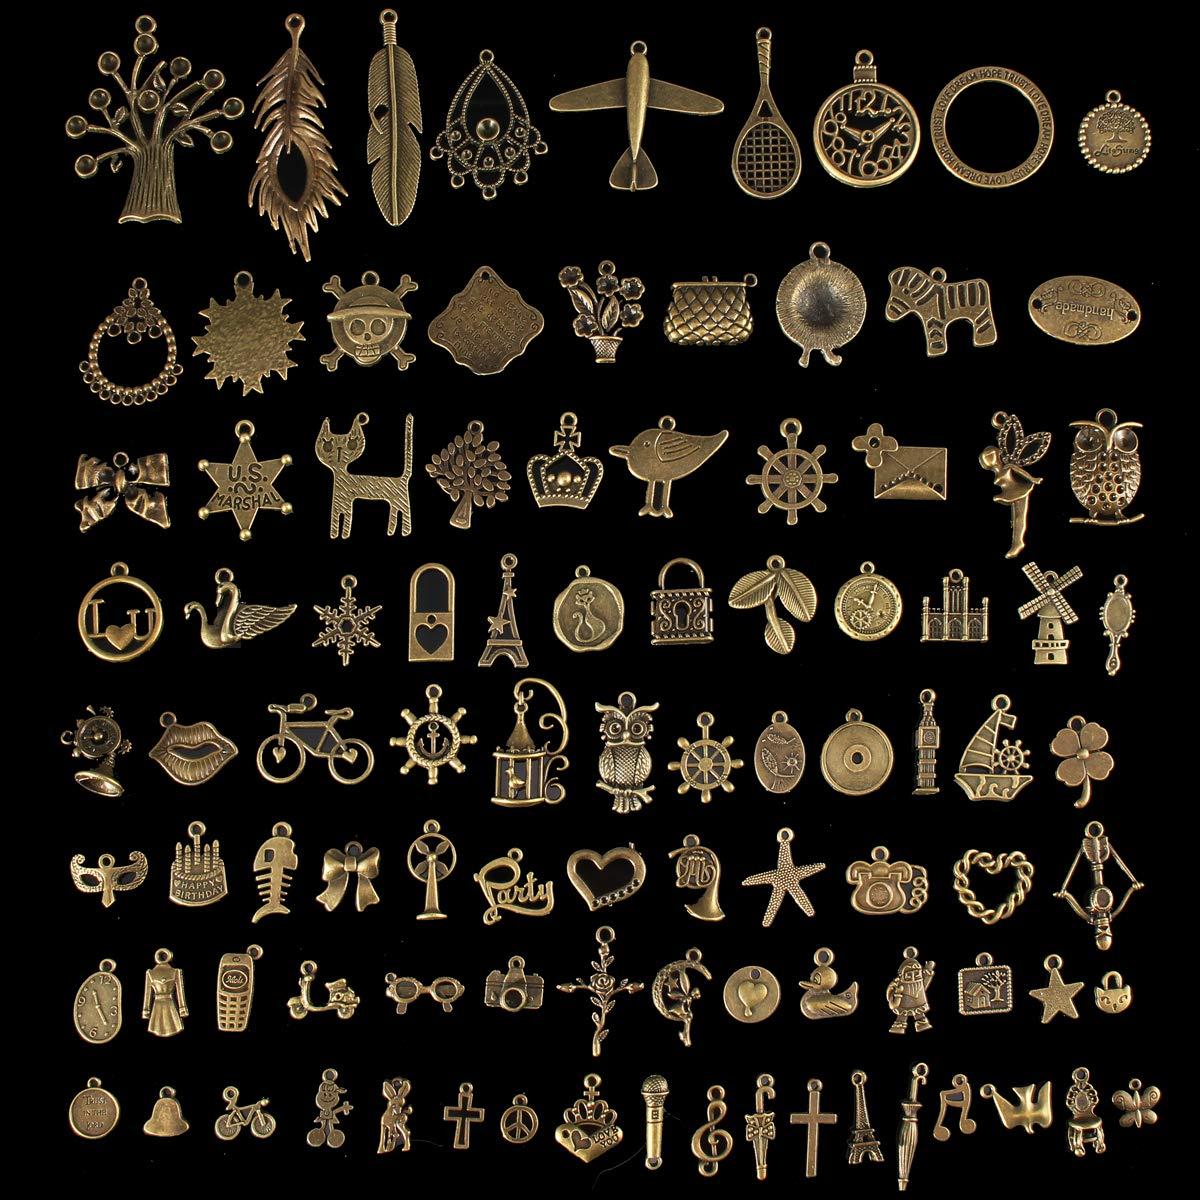 Jeteven DIY Kit de Pulsera Bronces Conjunto con un Algod/ón Perla Accesorios Pendientes DIY Fabricaci/ón de Materiale de Joyeria para Hacer Bisuteria 14 Tipos de Accesorios